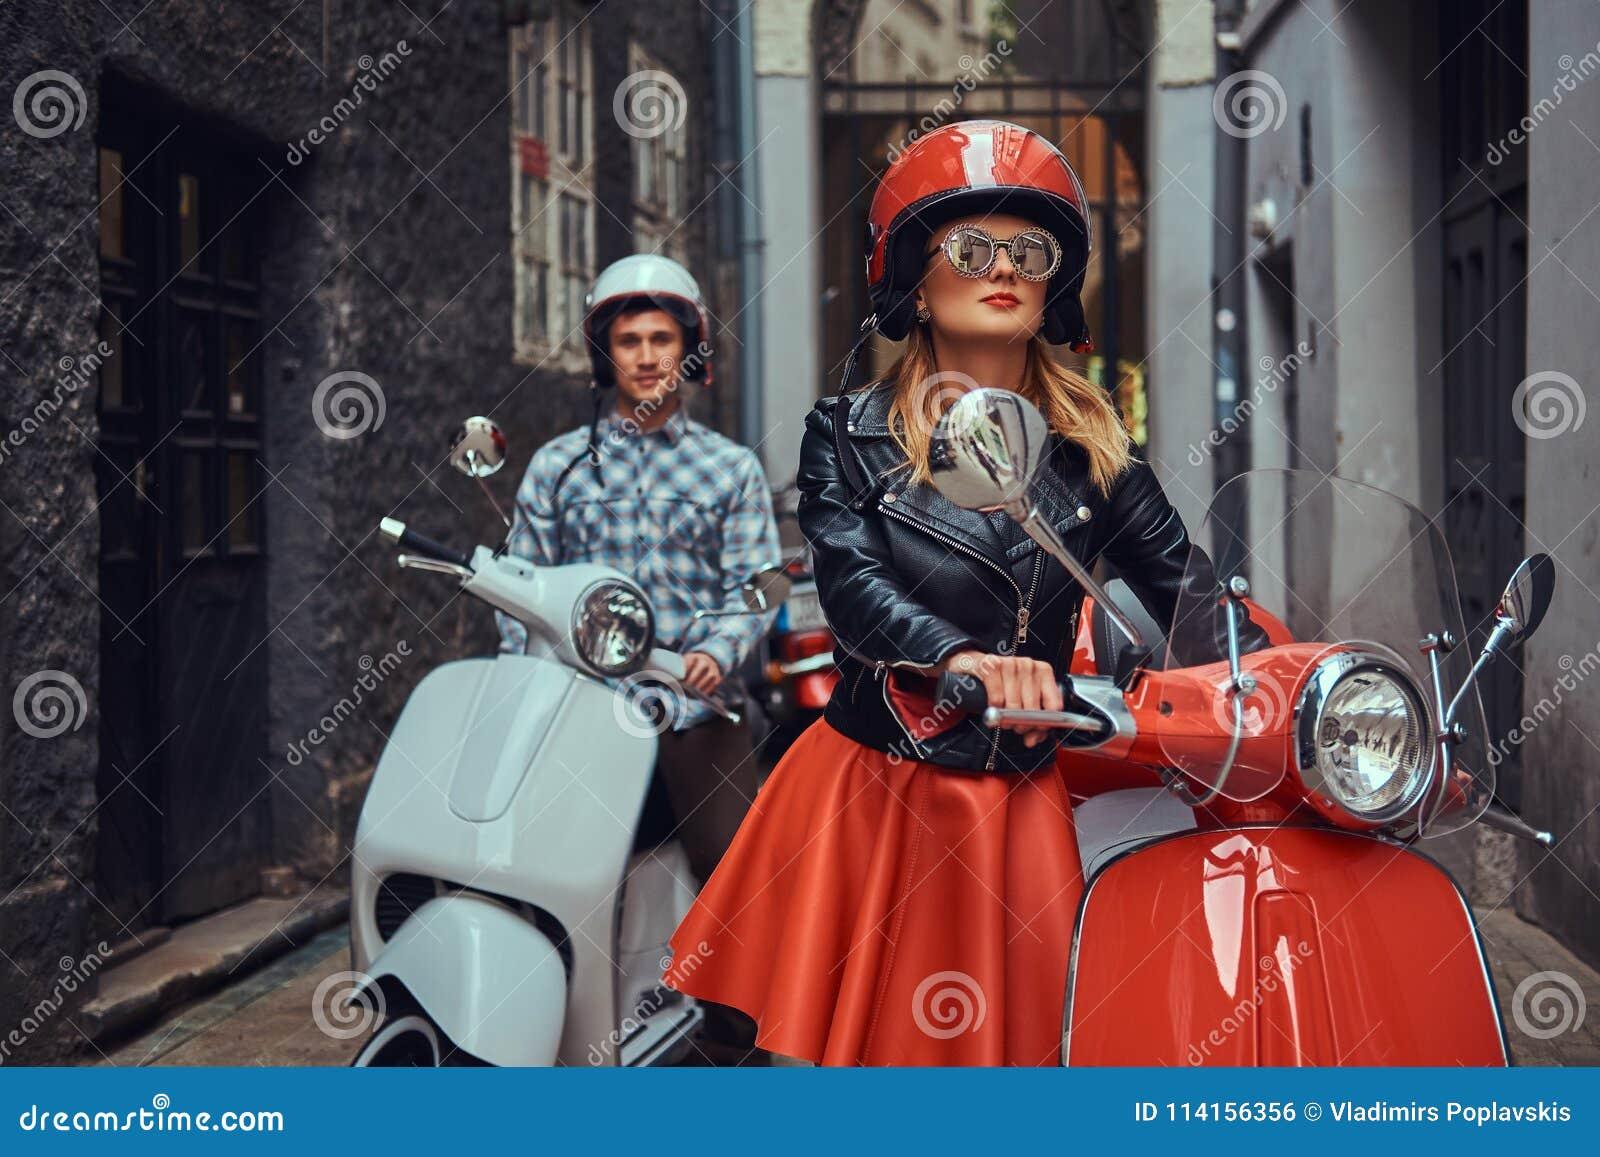 Το όμορφο άτομο και ένα προκλητικό μοντέρνο κορίτσι περπατούν με τα αναδρομικά ιταλικά μηχανικά δίκυκλα κατά μήκος των παλαιών οδ